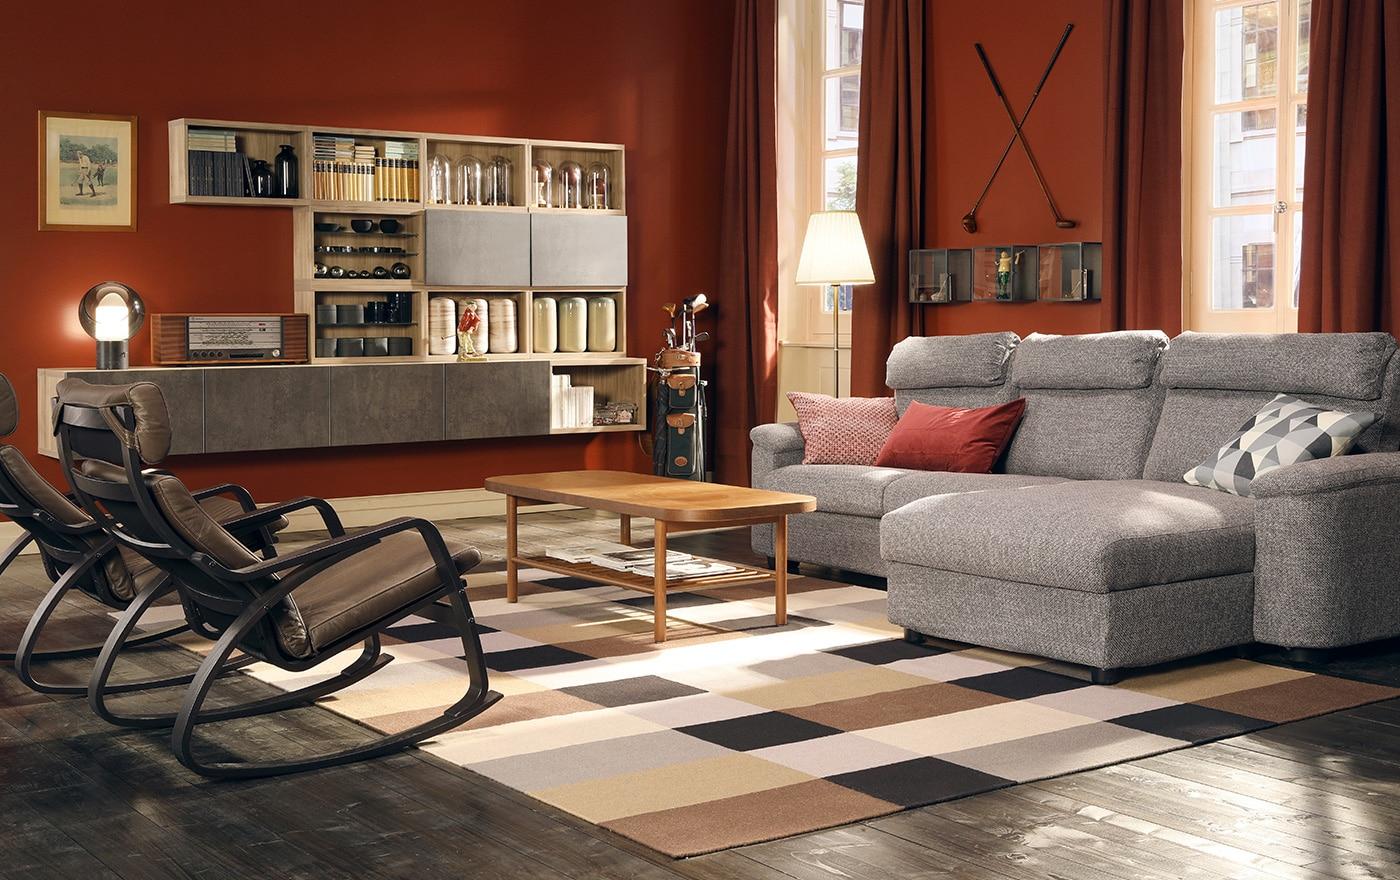 Organizza il soggiorno secondo le tue passioni ikea for Grandi magazzini arredamento